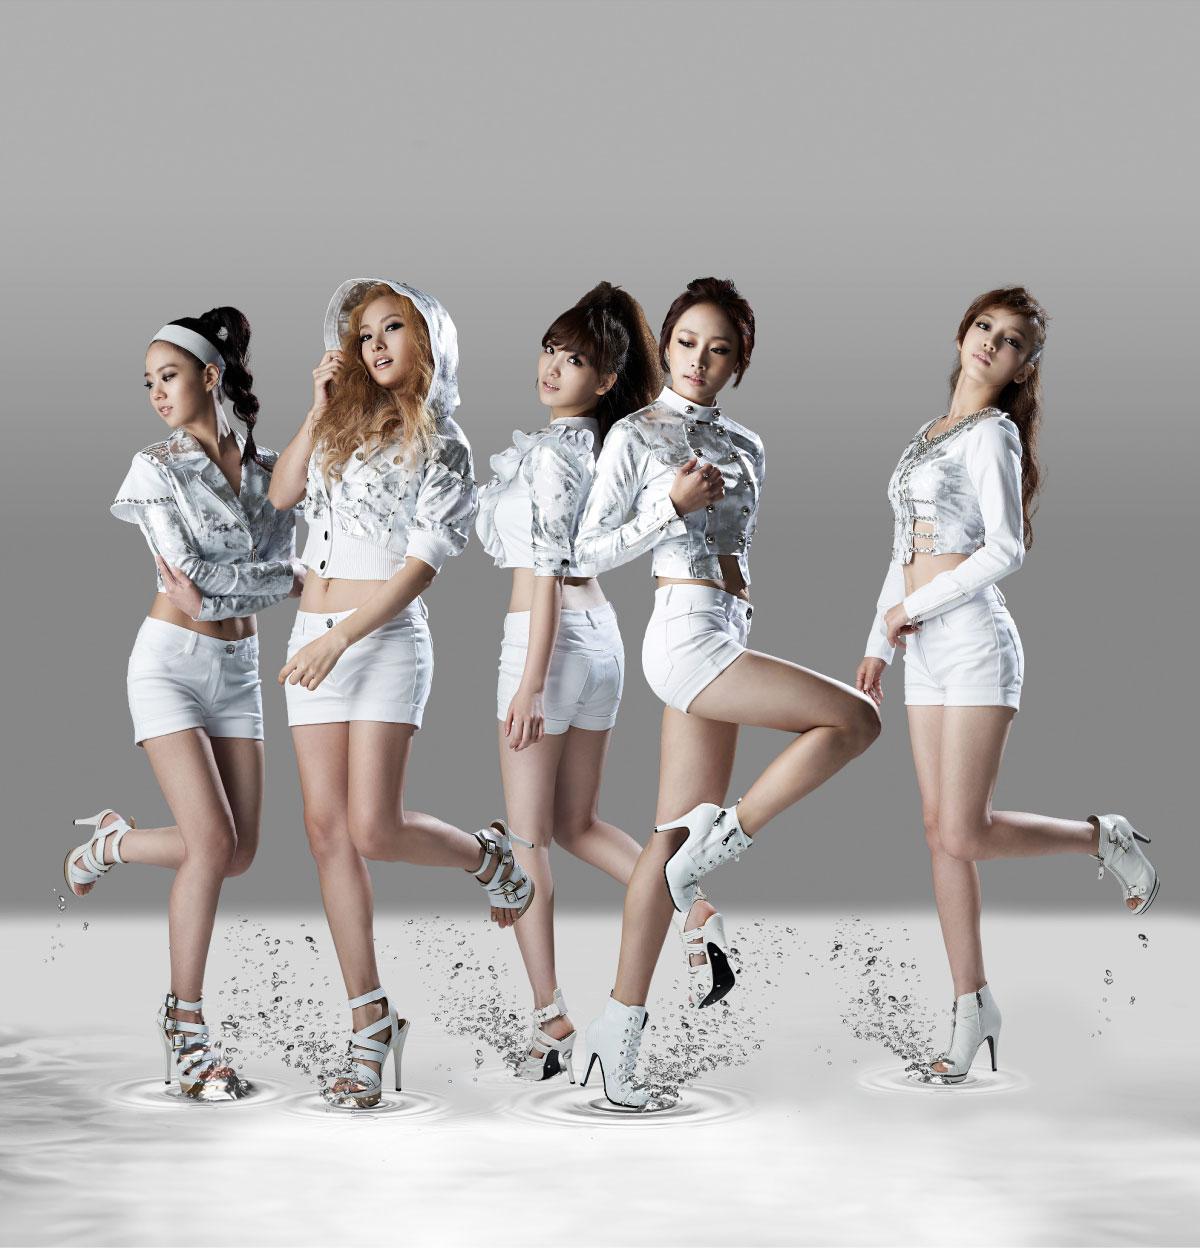 zhenskie-k-pop-gruppi-spisok